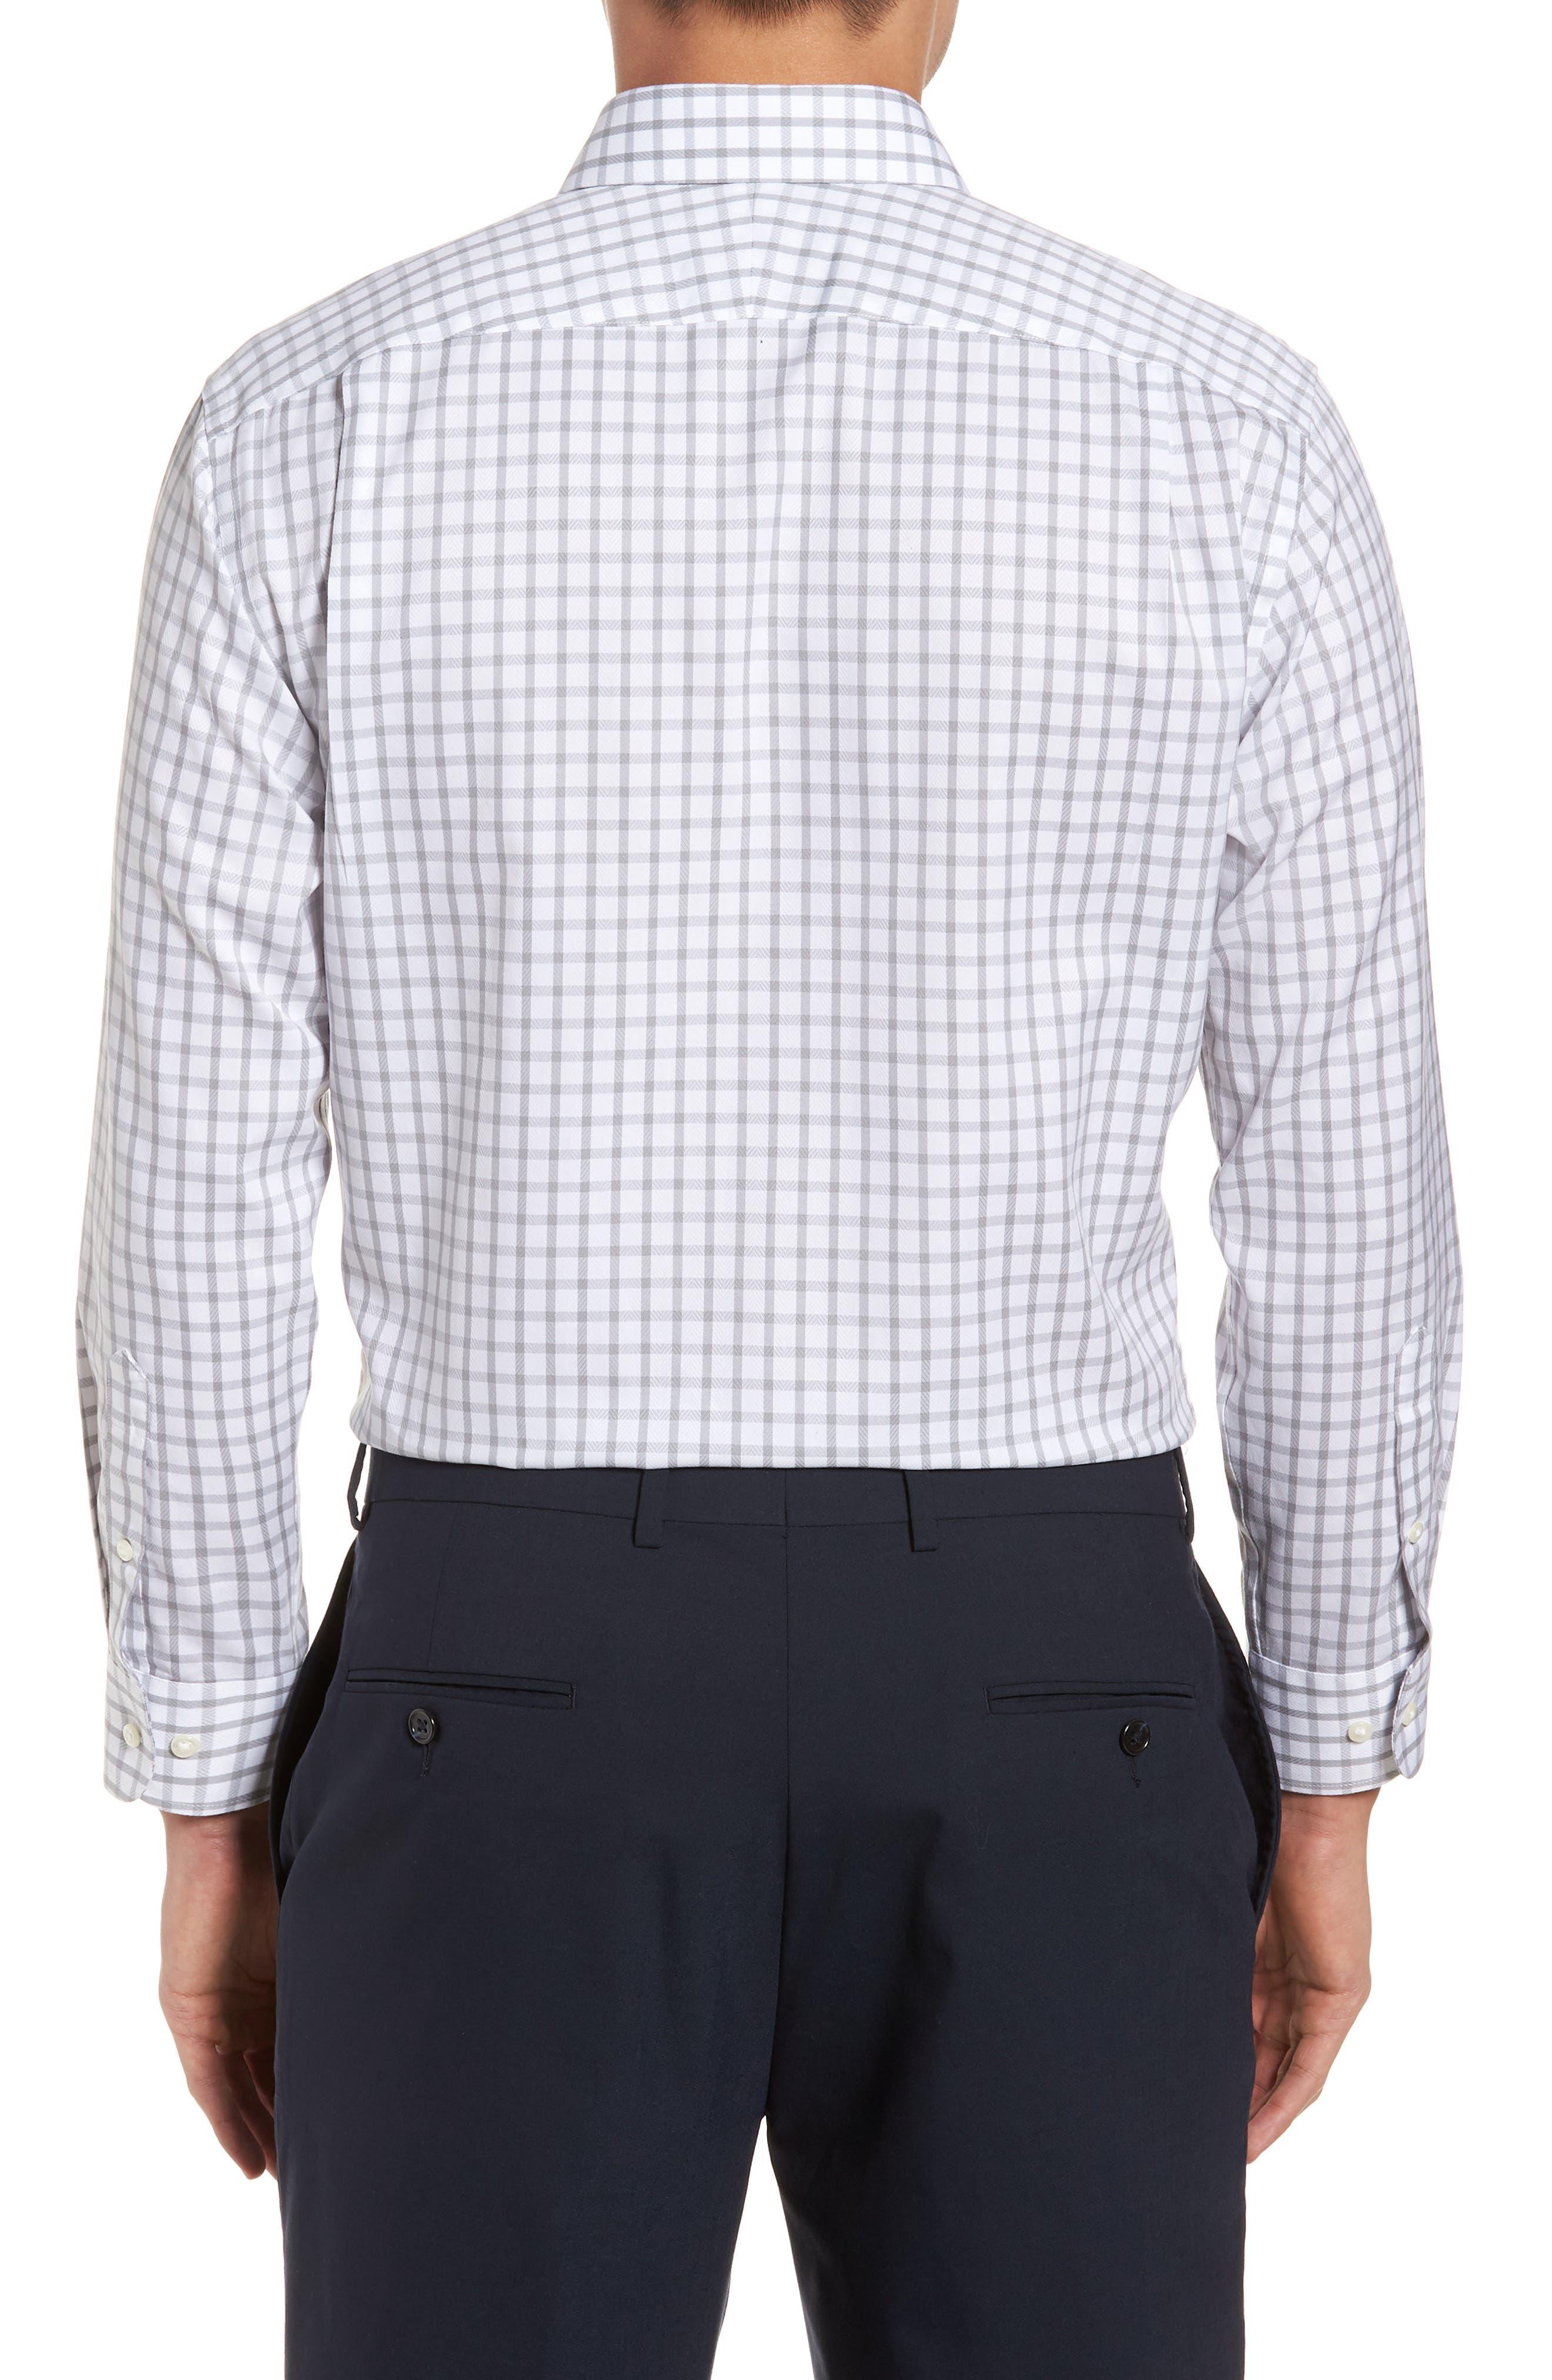 Smartcare<sup>™</sup> Trim Fit Check Dress Shirt,                             Alternate thumbnail 3, color,                             050